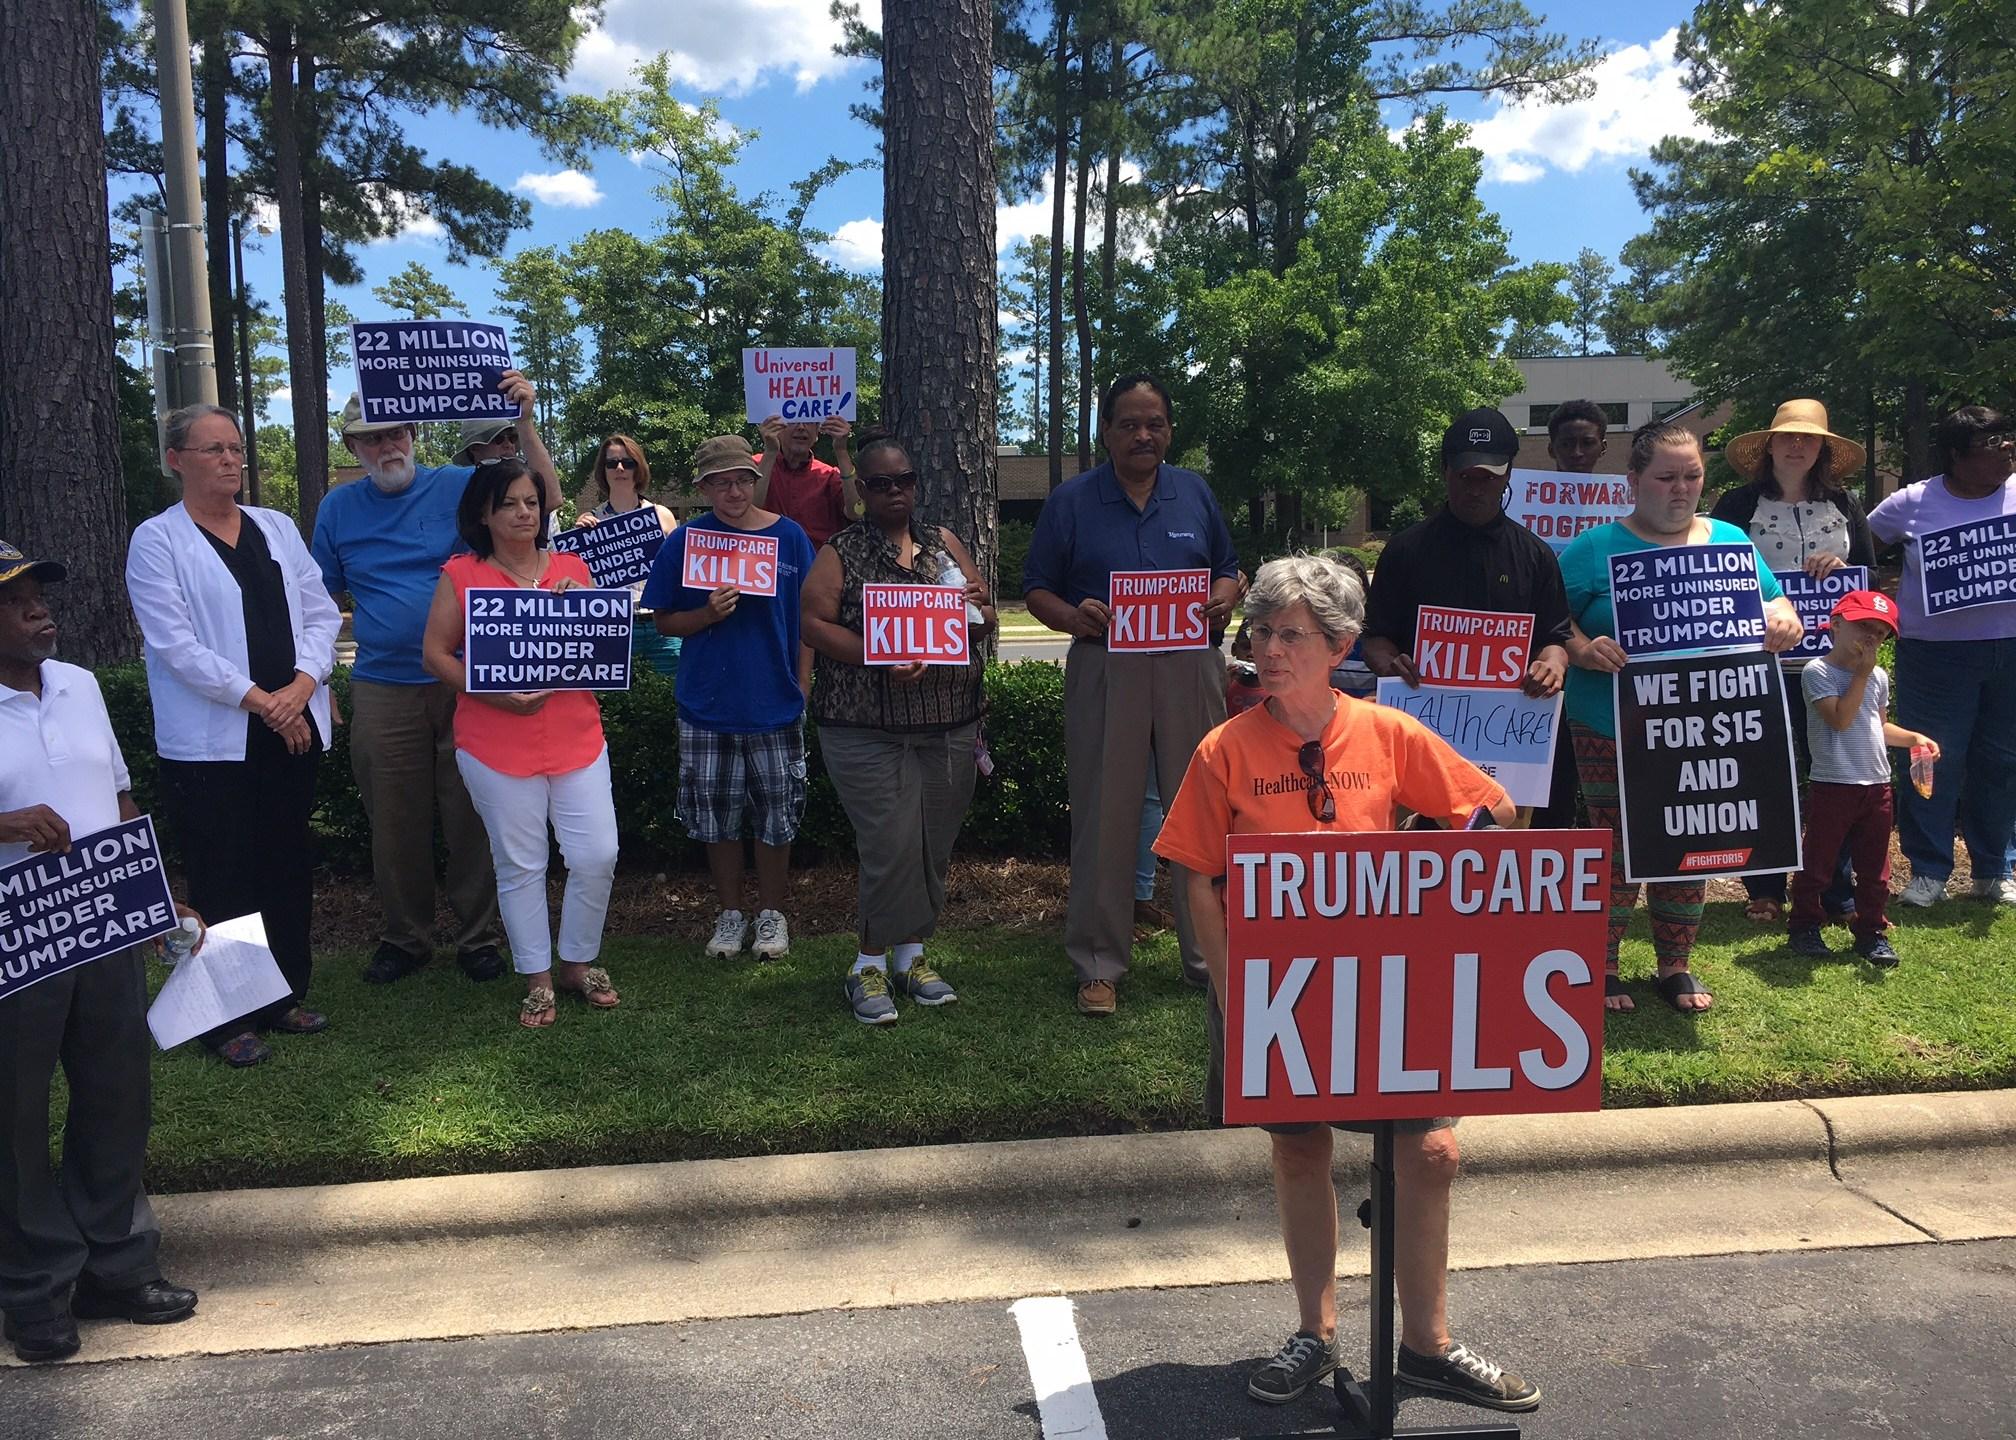 trumpcare protest_429175